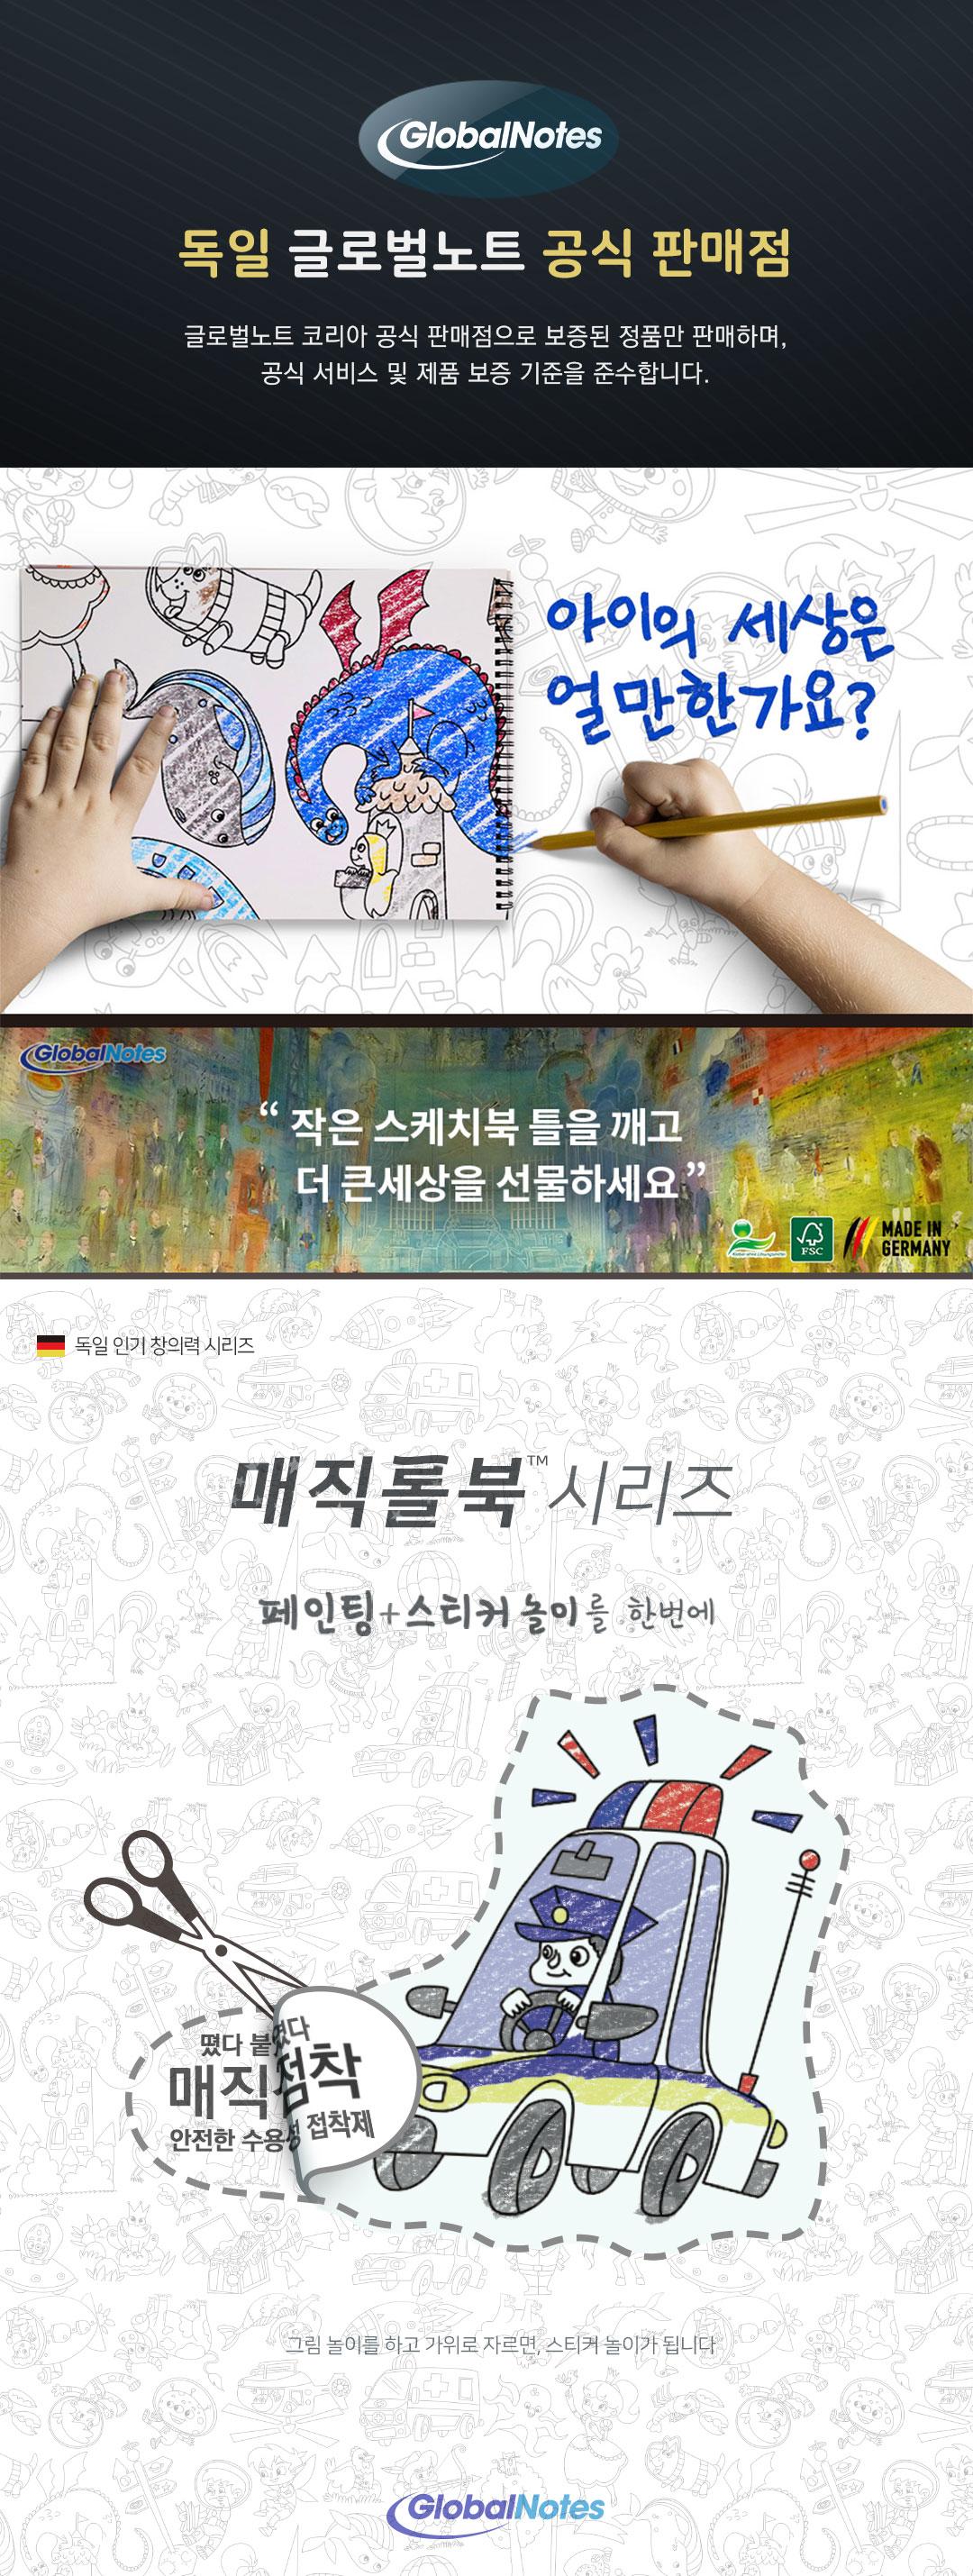 글로벌노트, 스케치북, 매직롤, 컬러링북